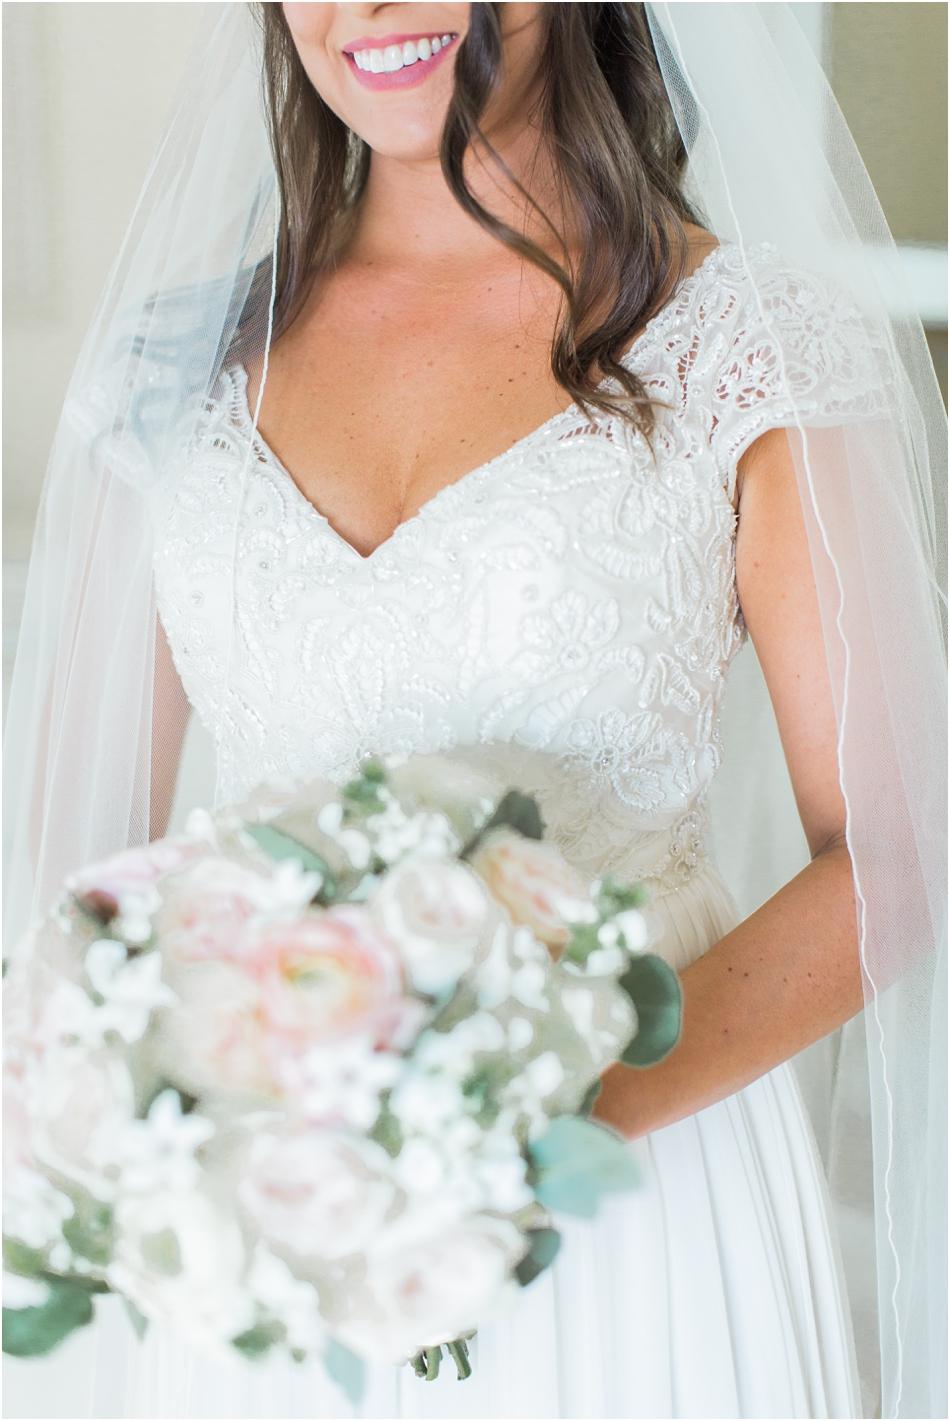 popponessett_inn_new_seabury_natasha_matt_cape_cod_boston_new_england_wedding_photographer_Meredith_Jane_Photography_photo_2421.jpg